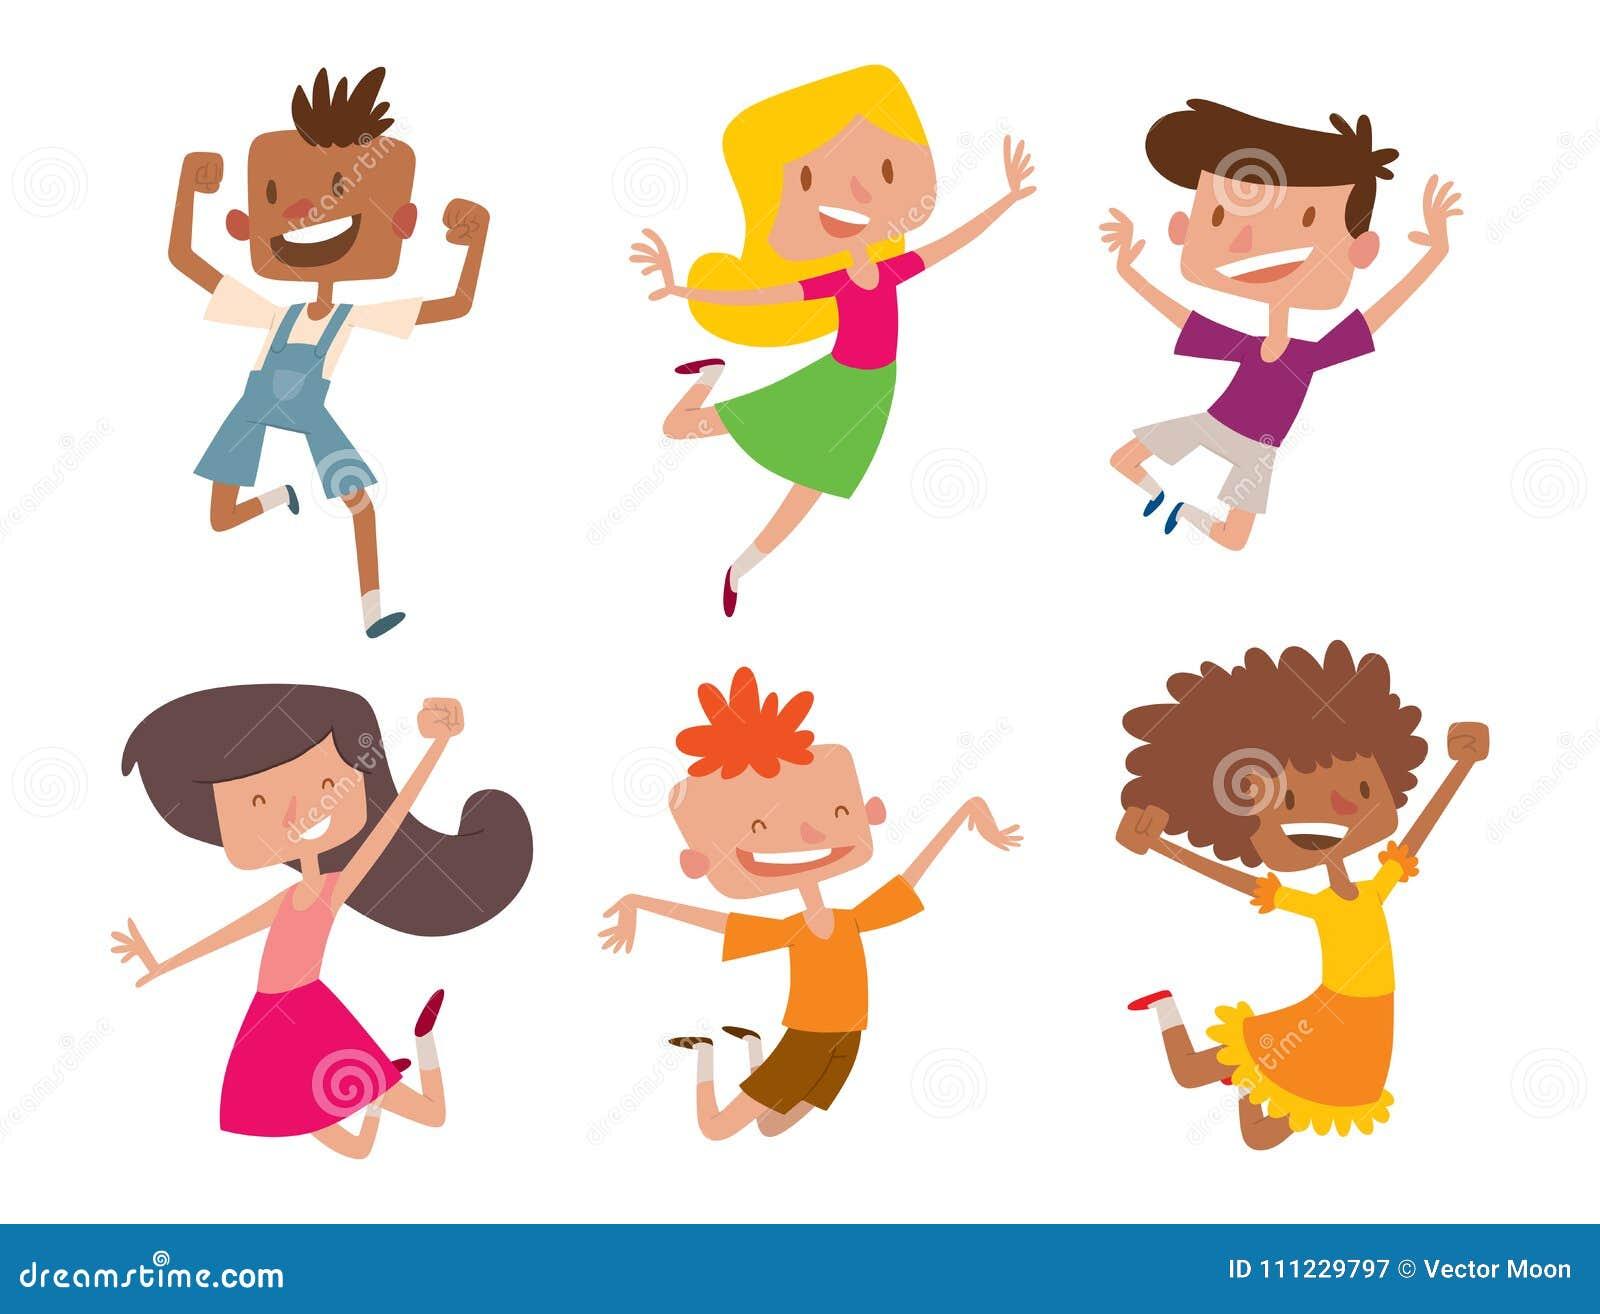 Lyckliga barn i stor vektor för olika positioner som hoppar det gladlynta barnet, grupperar, och den roliga tecknade filmen lurar